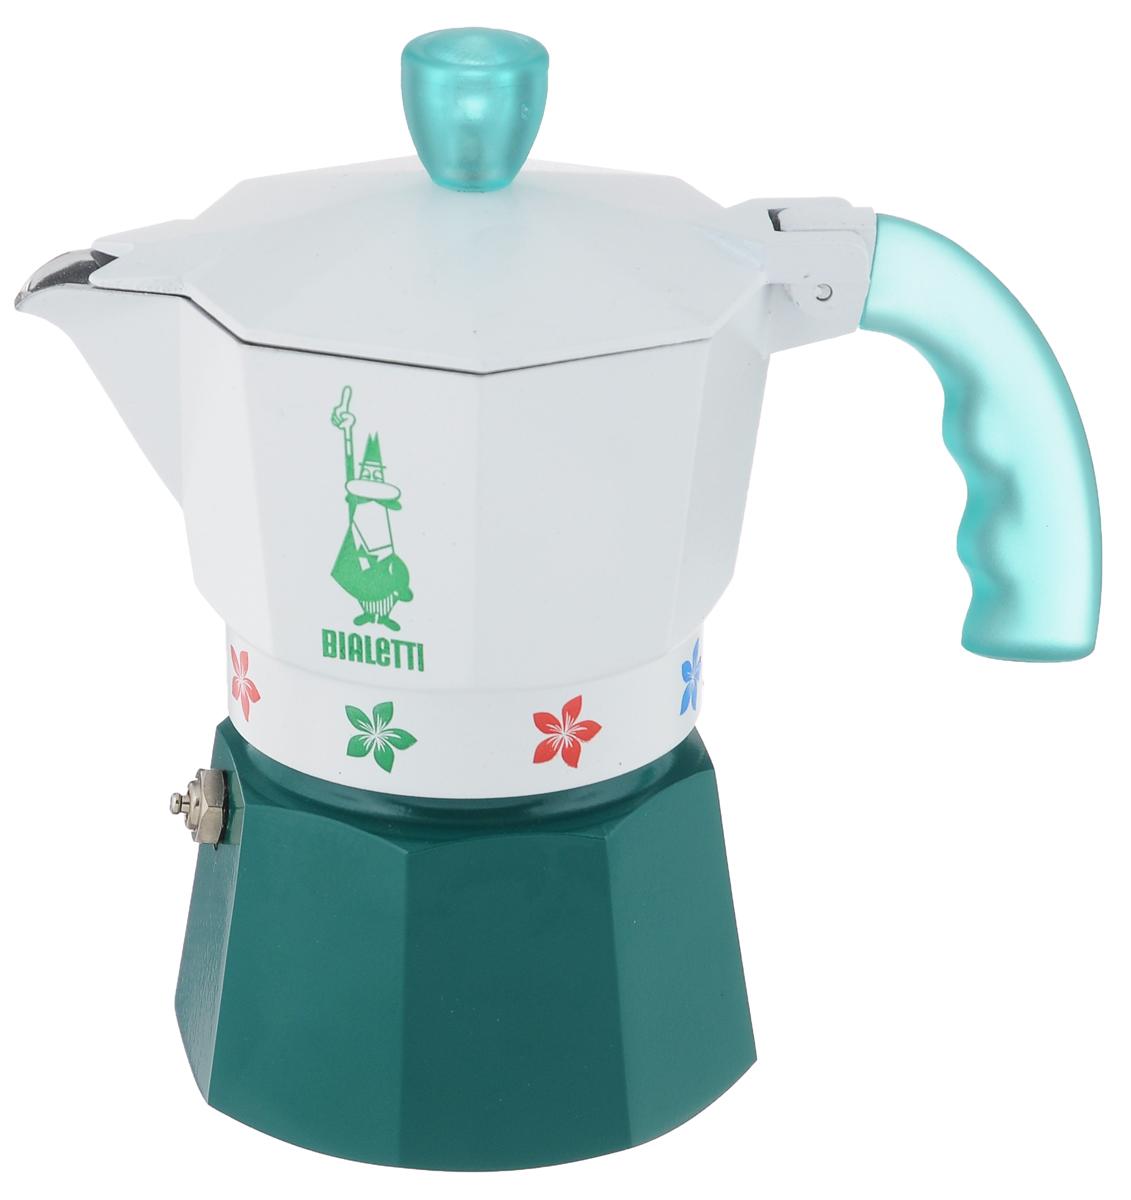 Кофеварка гейзерная Bialetti Moka Fiori Caldaia Verde, цвет: белый, зеленый, на 3 чашки115510Компактная гейзерная кофеварка Bialetti Moka Fiori Caldaia Verde изготовлена из высококачественного алюминия и стали. Объема кофе хватает на 3 чашки. Изделие оснащено удобной пластиковой ручкой.Принцип работы такой гейзерной кофеварки - кофе заваривается путем многократного прохождения горячей воды или пара через слой молотого кофе. Удобство кофеварки в том, что вся кофейная гуща остается во внутренней емкости. Гейзерные кофеварки пользуются большой популярностью благодаря изысканному аромату. Кофе получается крепкий и насыщенный. Теперь и дома вы сможете насладиться великолепным эспрессо. Подходит для газовых, электрических и стеклокерамических плит. Нельзя мыть в посудомоечной машине. Высота (с учетом крышки): 16 см.